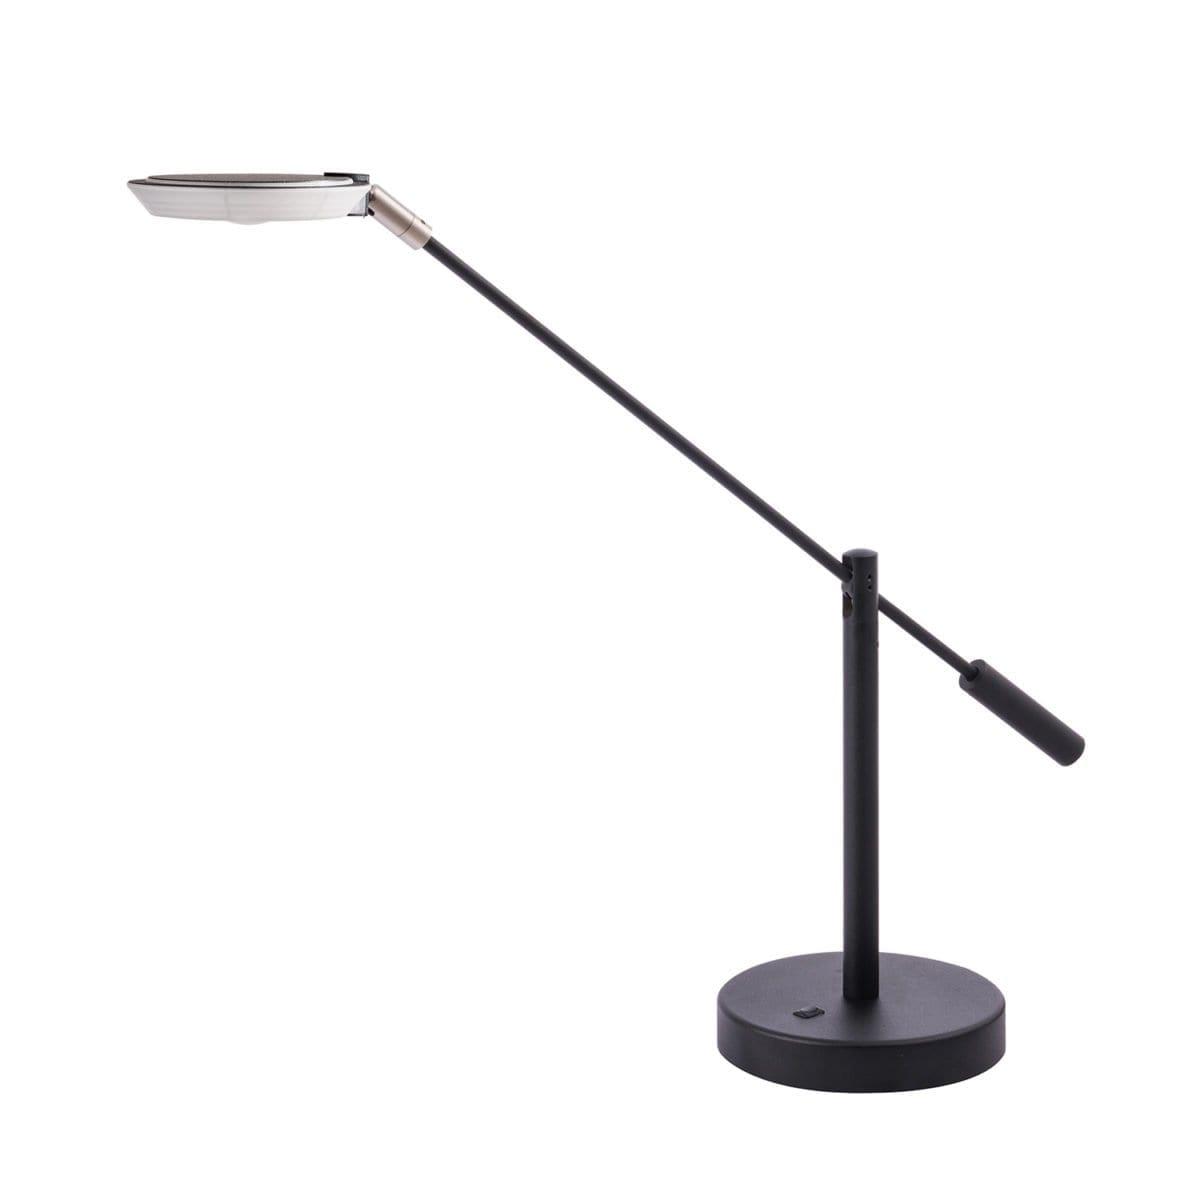 148 PTL 5021 BLK LED Table Lamp in Black or Satin Nickle Regular Price $214.99 Sale Price $149.99